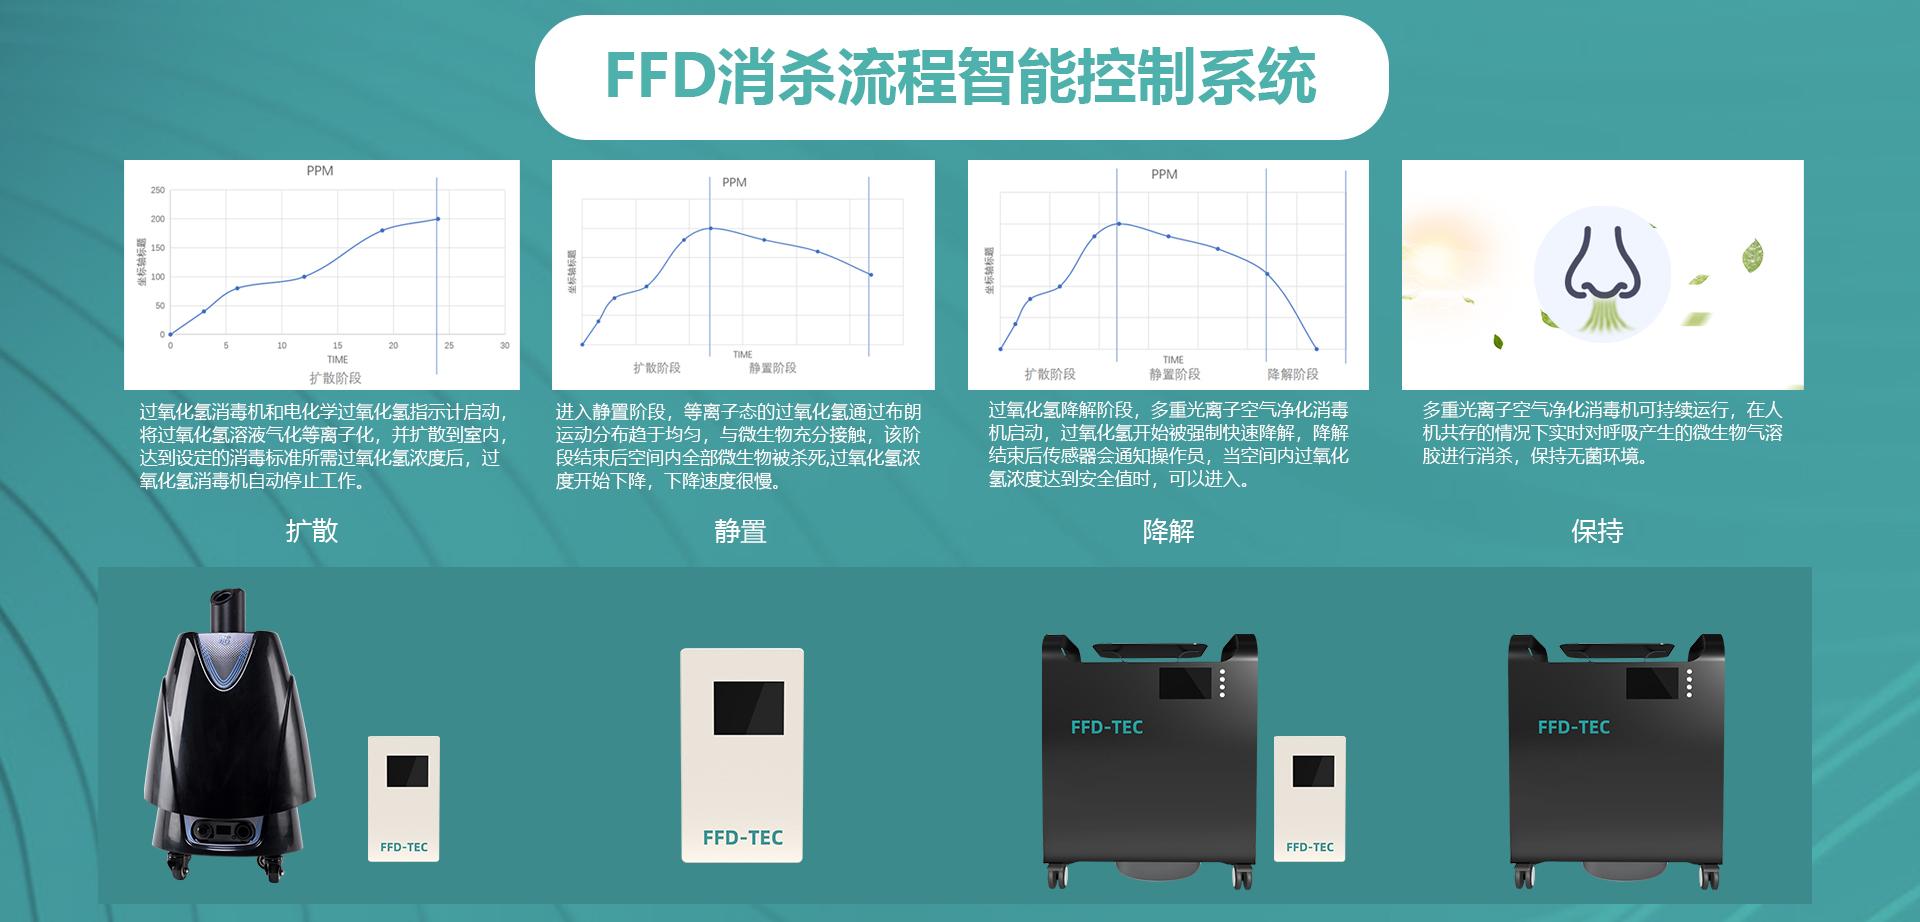 FFD智能物联网消杀系统